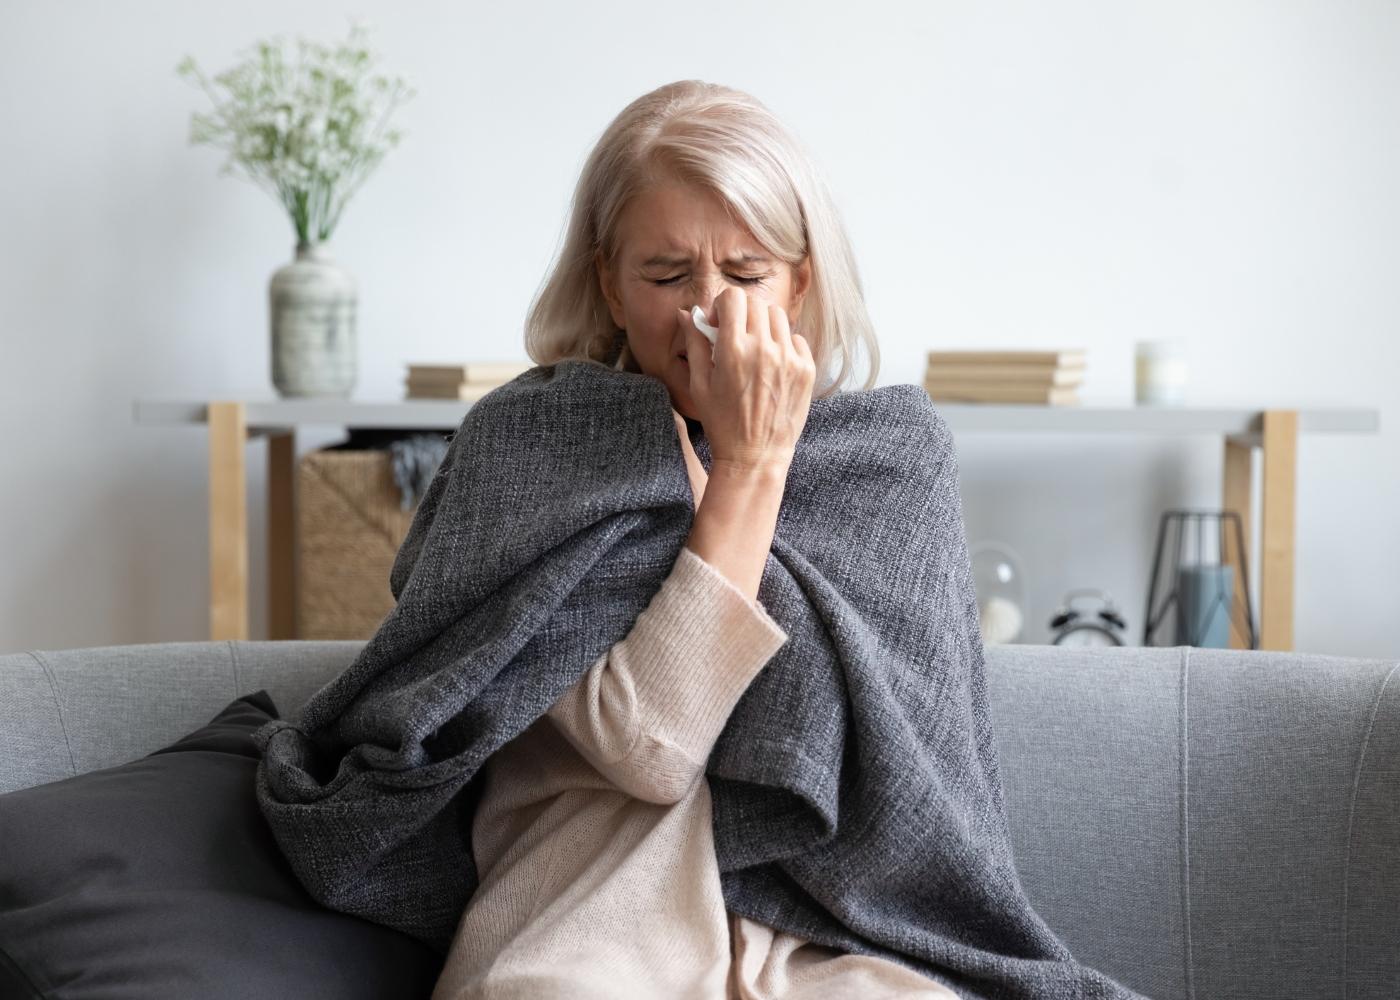 sénior constipada no sofá